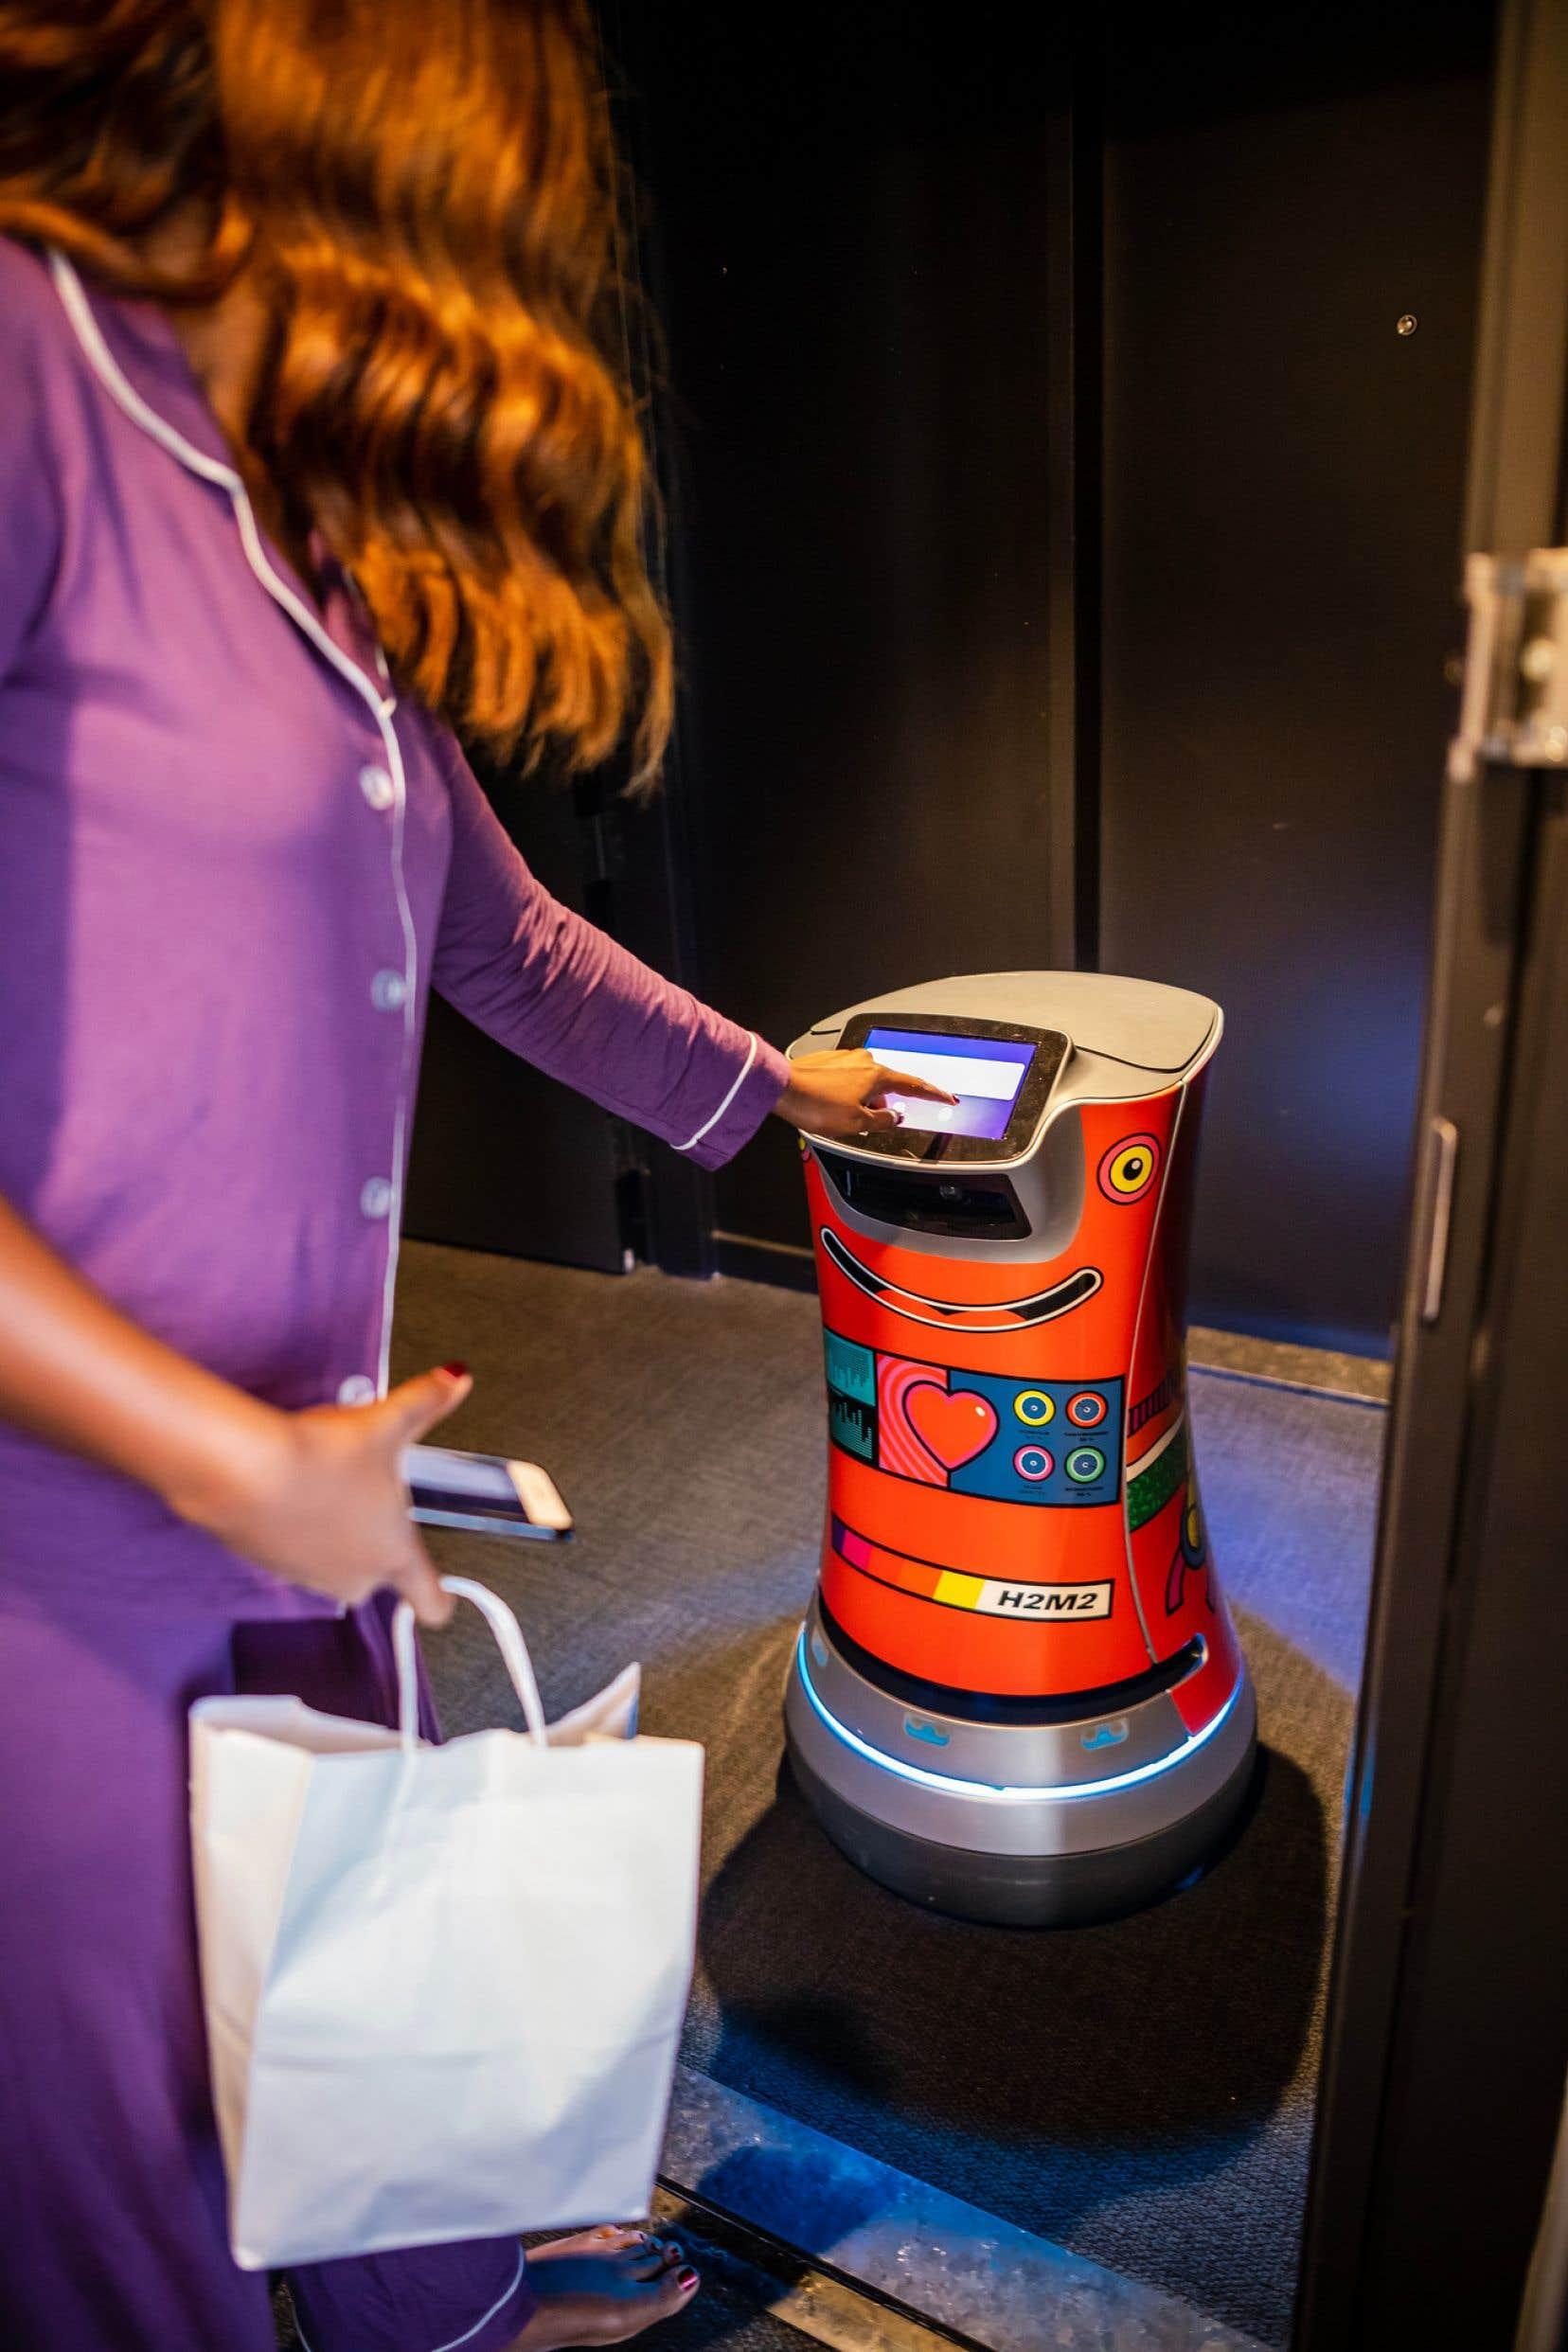 L'hôtel Monville est le seul établissement hôtelier au pays à offrir un service aux chambres robotisé.